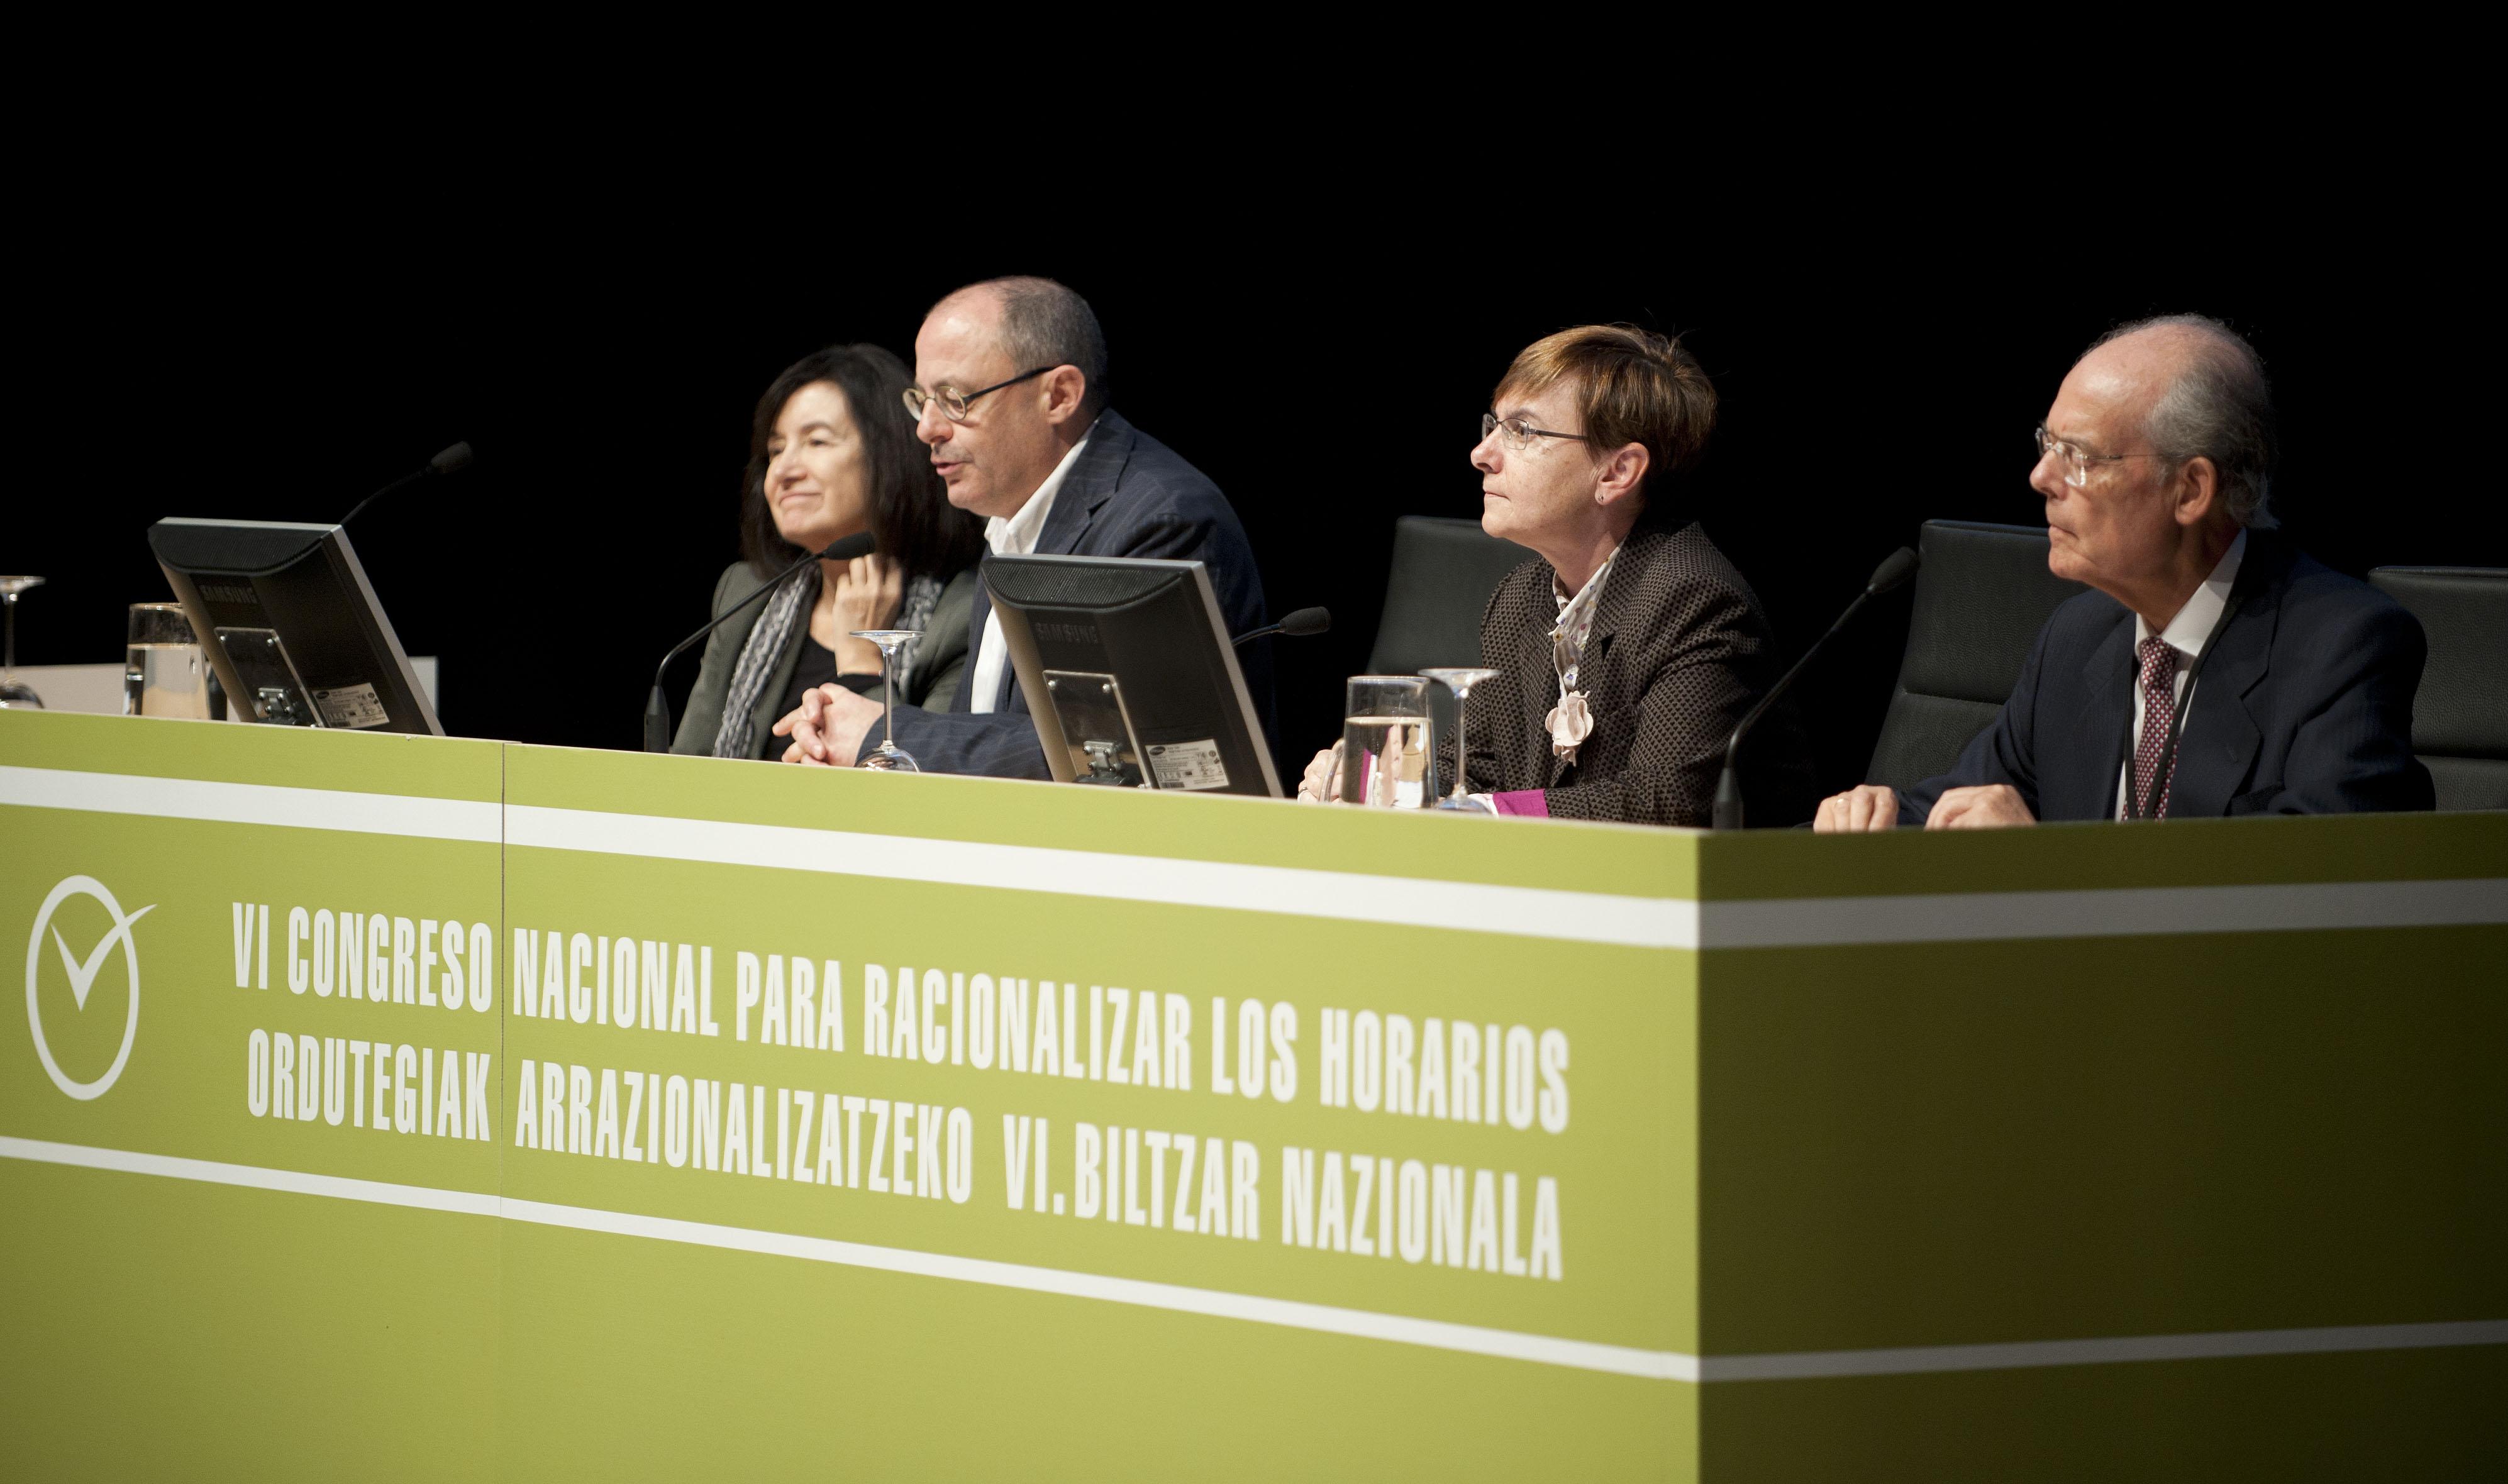 2011_11_15_zabaleta_congreso_racionalizar_horarios11.jpg